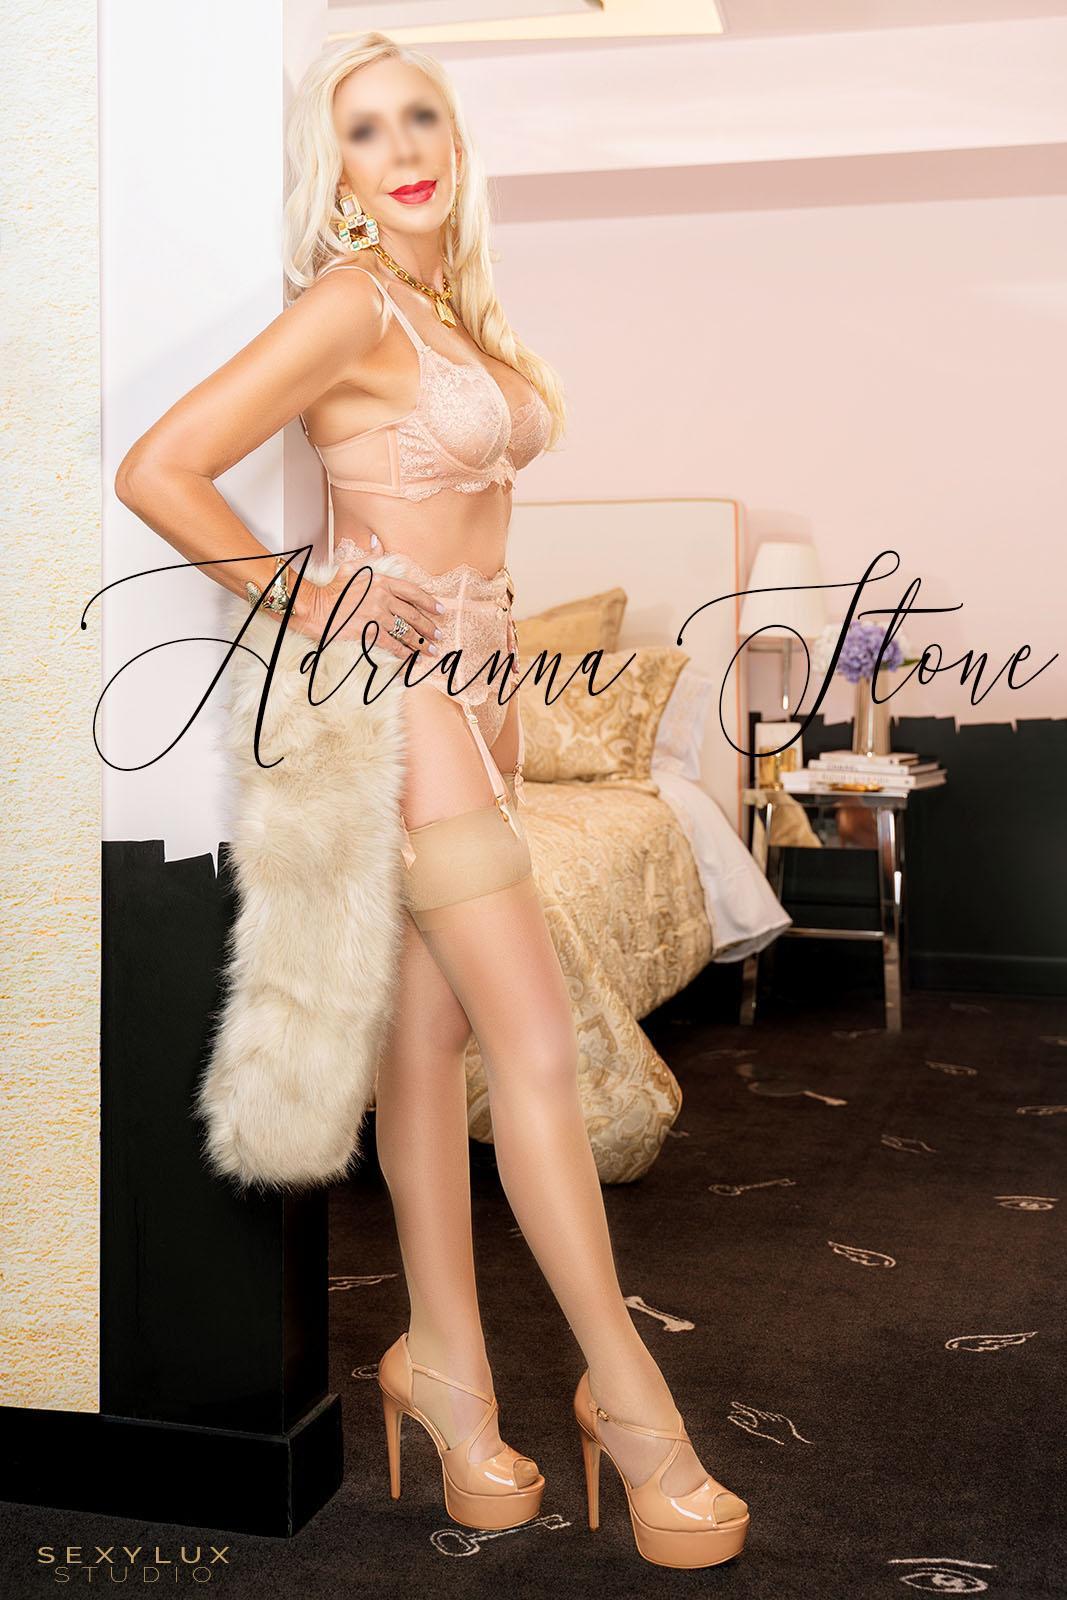 Blonde escort in Miami